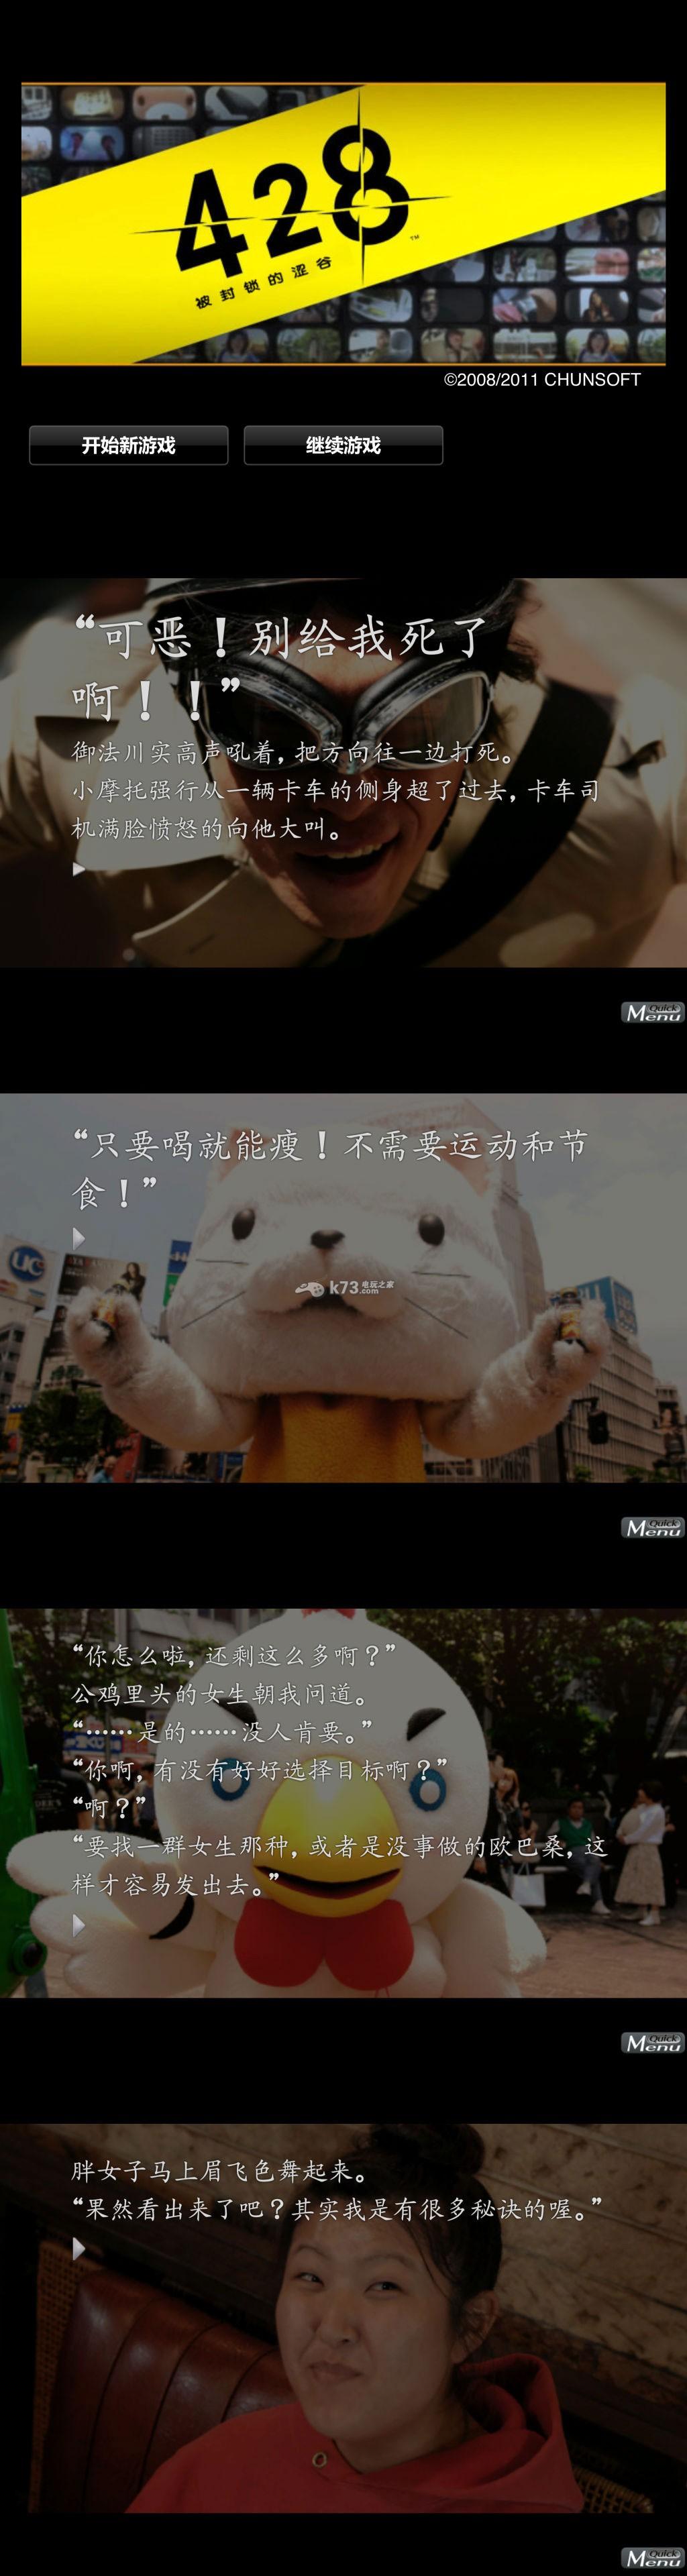 428被封锁的涩谷 汉化版下载 截图